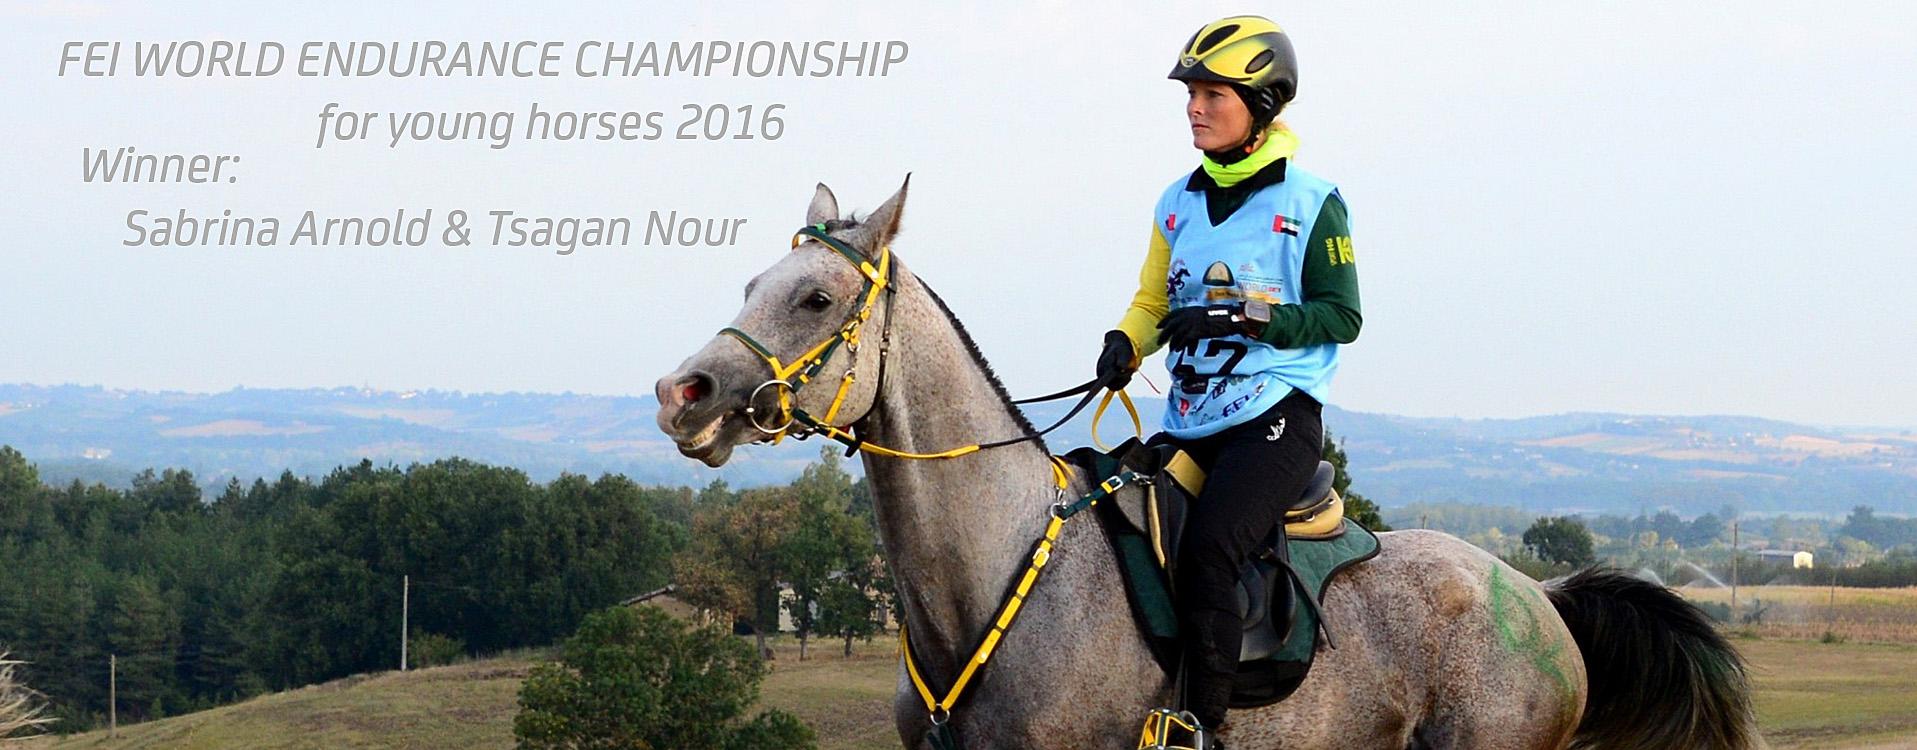 Platz 1 für Sabrina Arnold mit Tsagan Nour, Negrepelisse 2016, Foto: Yannick Vergnes